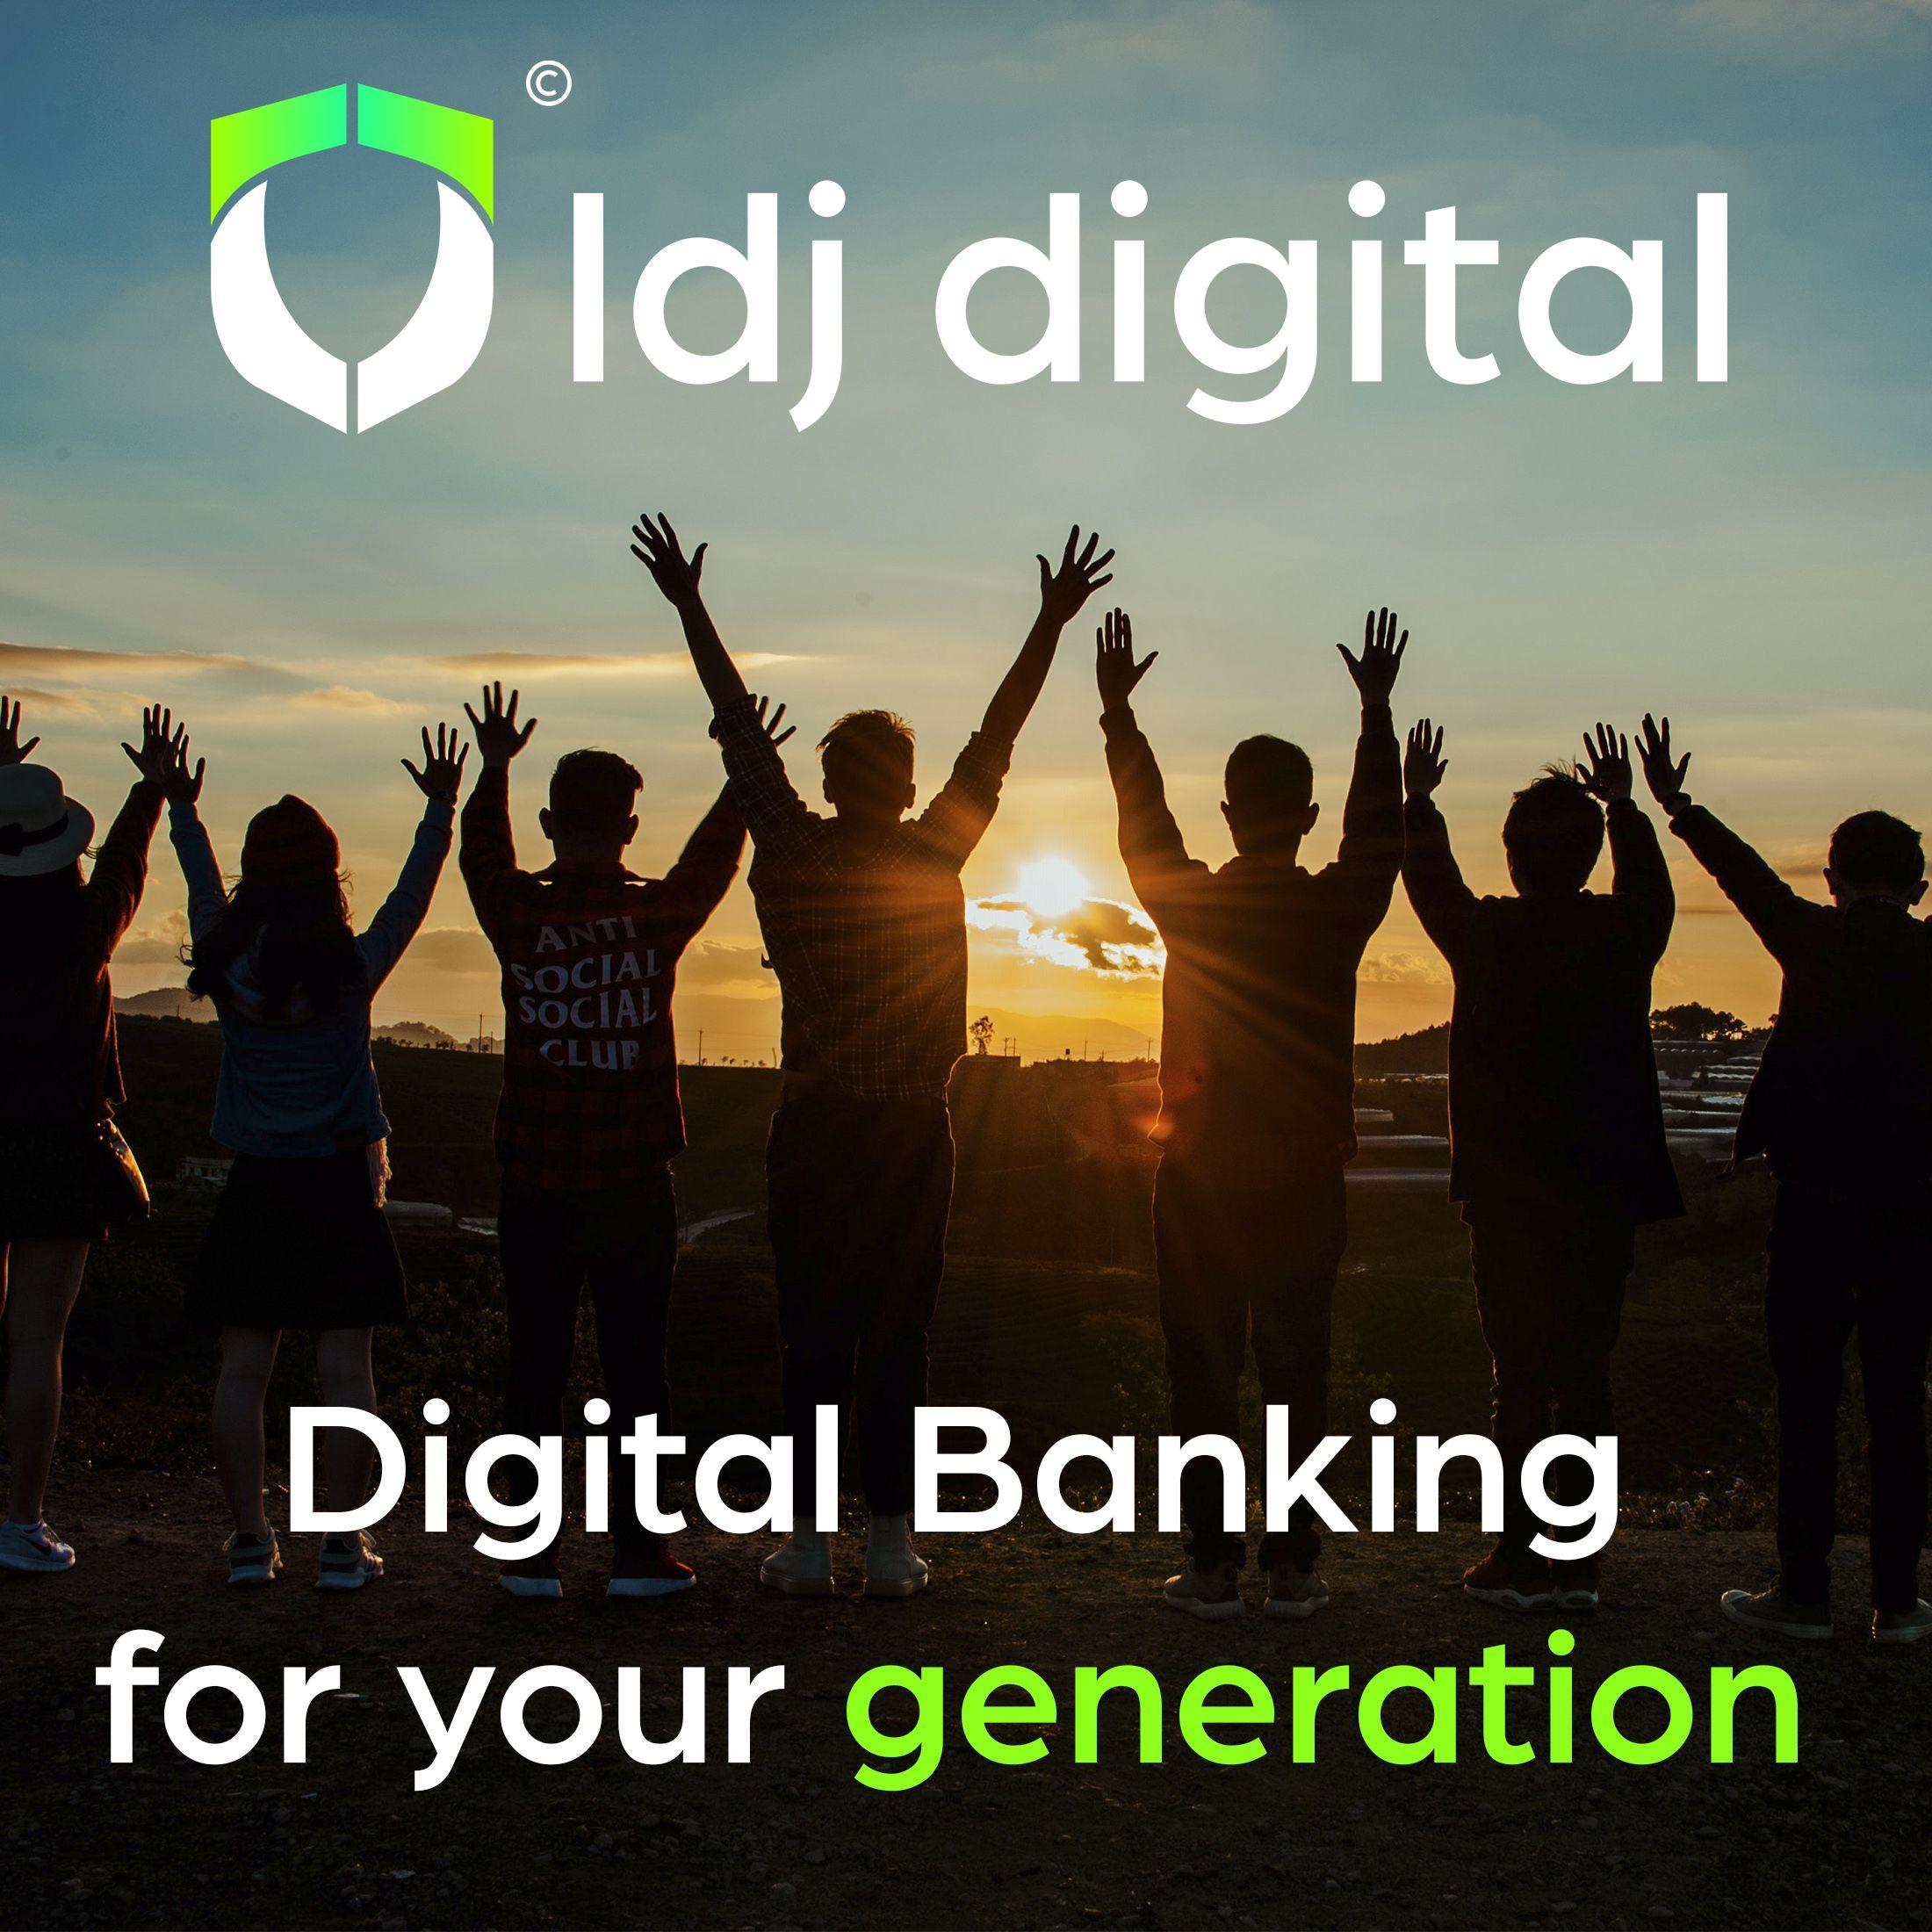 LDJ Digital